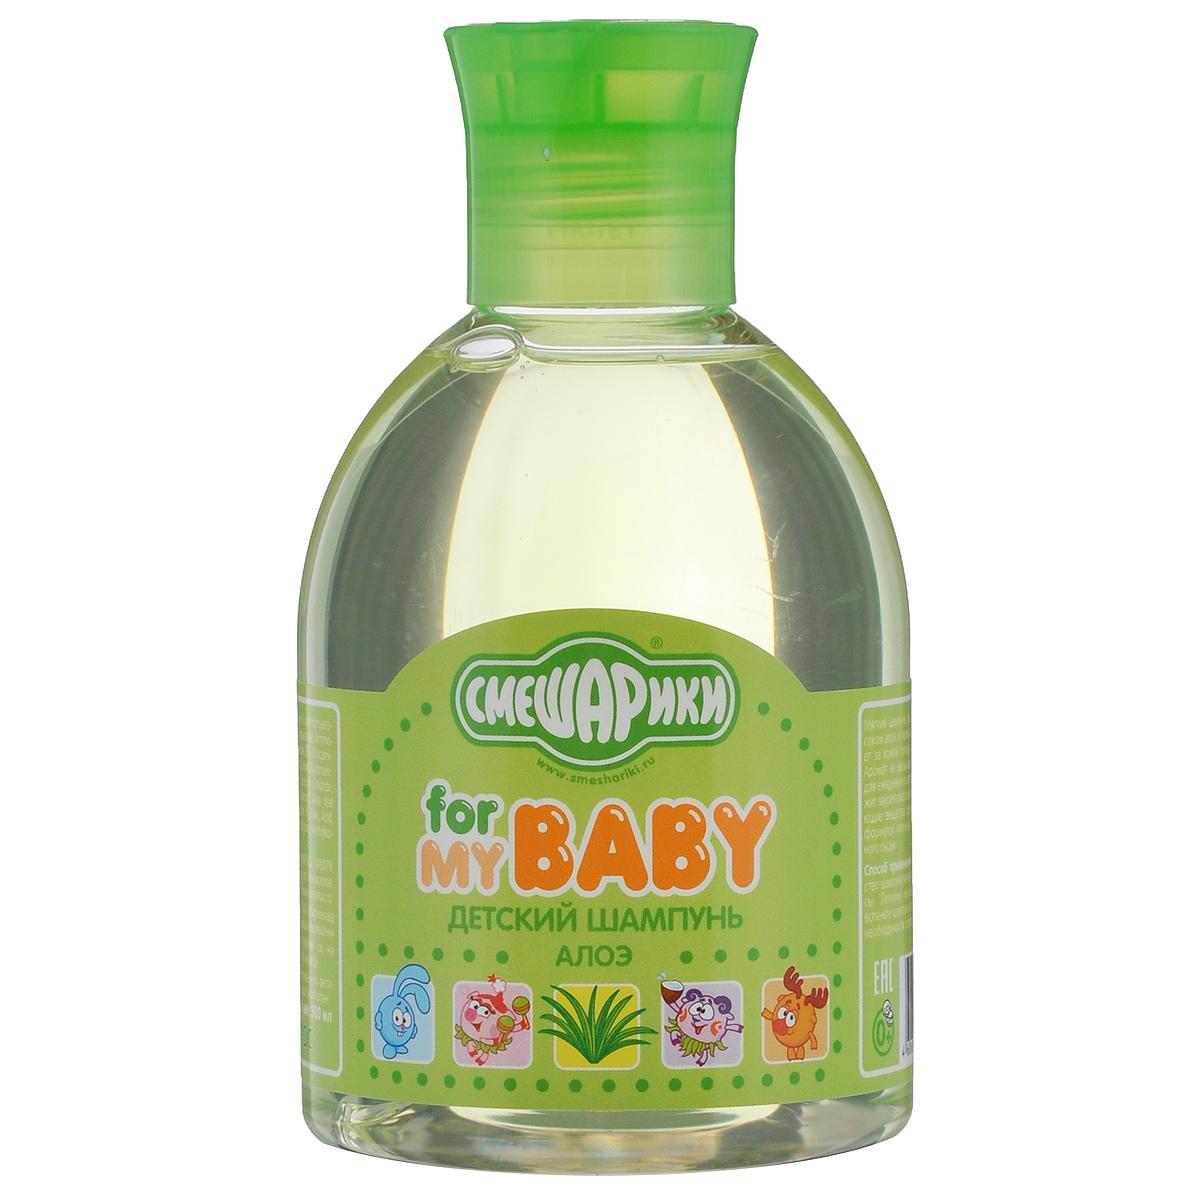 Смешарики Детский шампунь For my Baby, с экстрактом алоэ, 300 млMP59.4DМягкий шампунь без слез Смешарики For my baby, с экстрактом и соком алоэ, бережно ухаживает за кожей головы и волосами ребенка. Прекрасно очищает в воде любой жесткости, полностью смывается. Благодаря своим успокаивающим и смягчающим действиям сок алоэ помогает быстро снять раздражение и покраснение кожного покрова, устранить зуд, и другие проявления аллергии, и признаки раздраженной кожи. Подходит для ежедневного применения. Отсутствие красителей и использование моющих веществ натурального происхождения делают шампунь безопасным и не вызывает аллергии.Продукт сертифицирован и дерматологически безопасен.